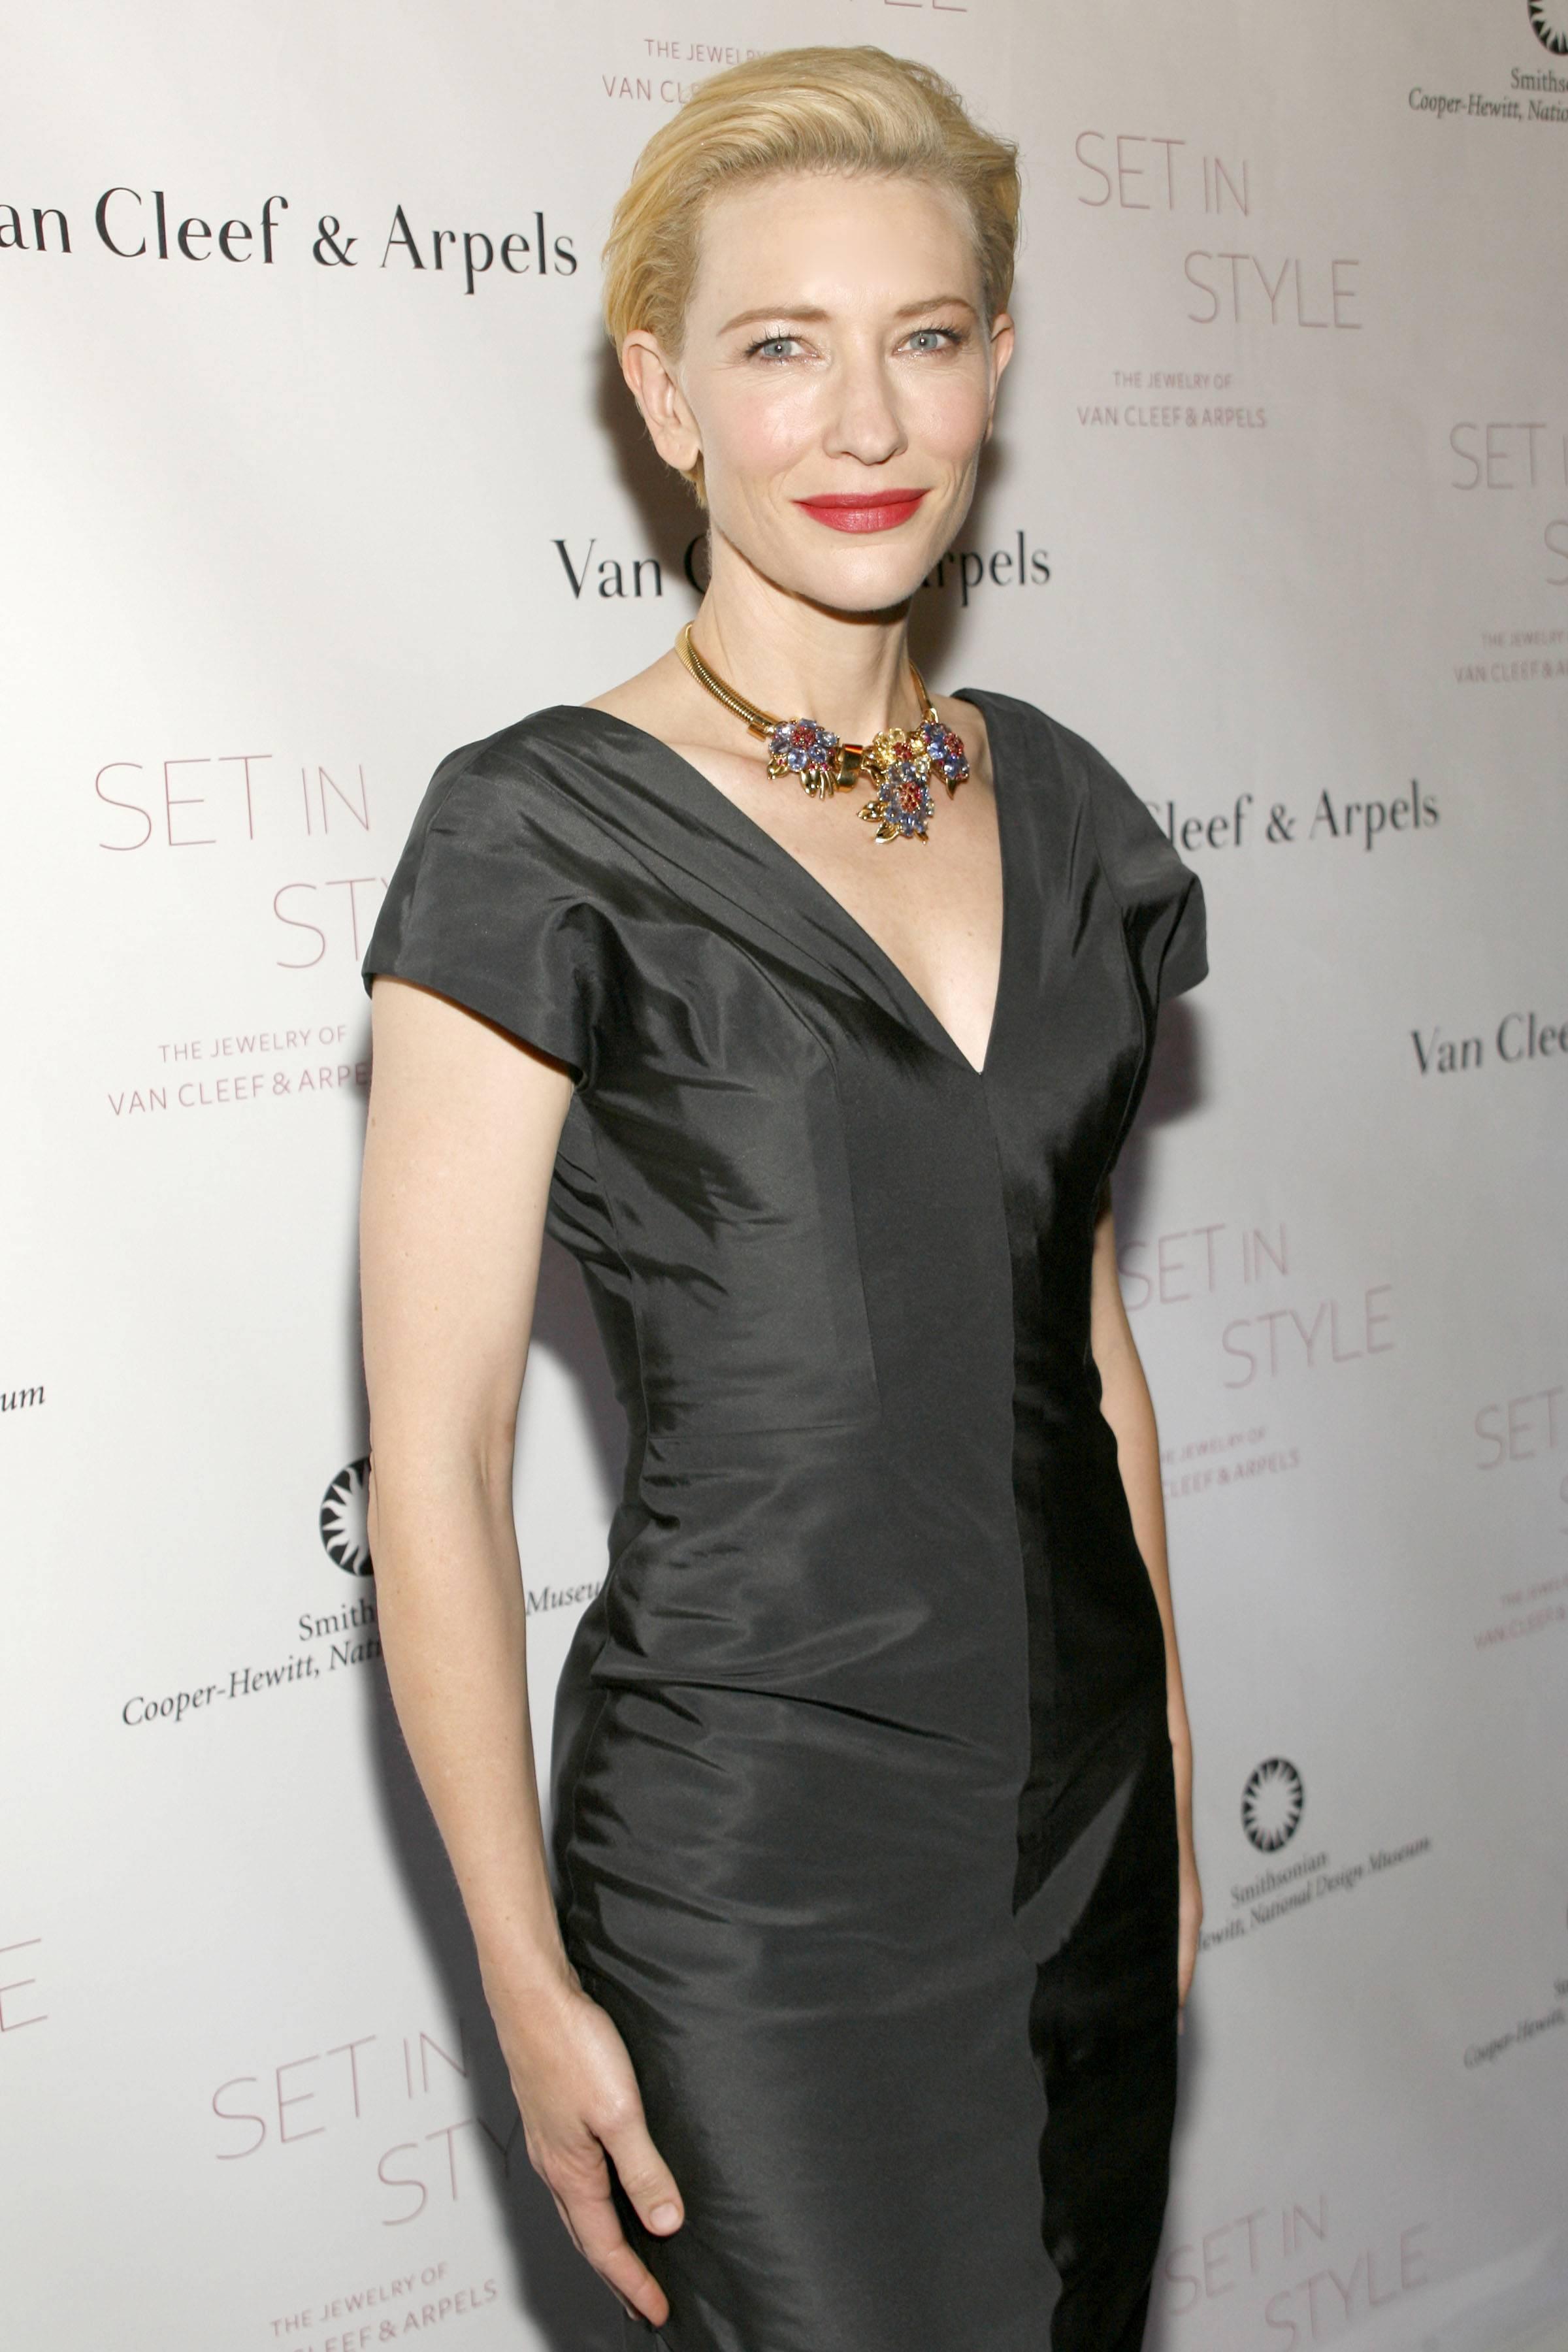 Cate Blanchett at Van Cleef & Arpels